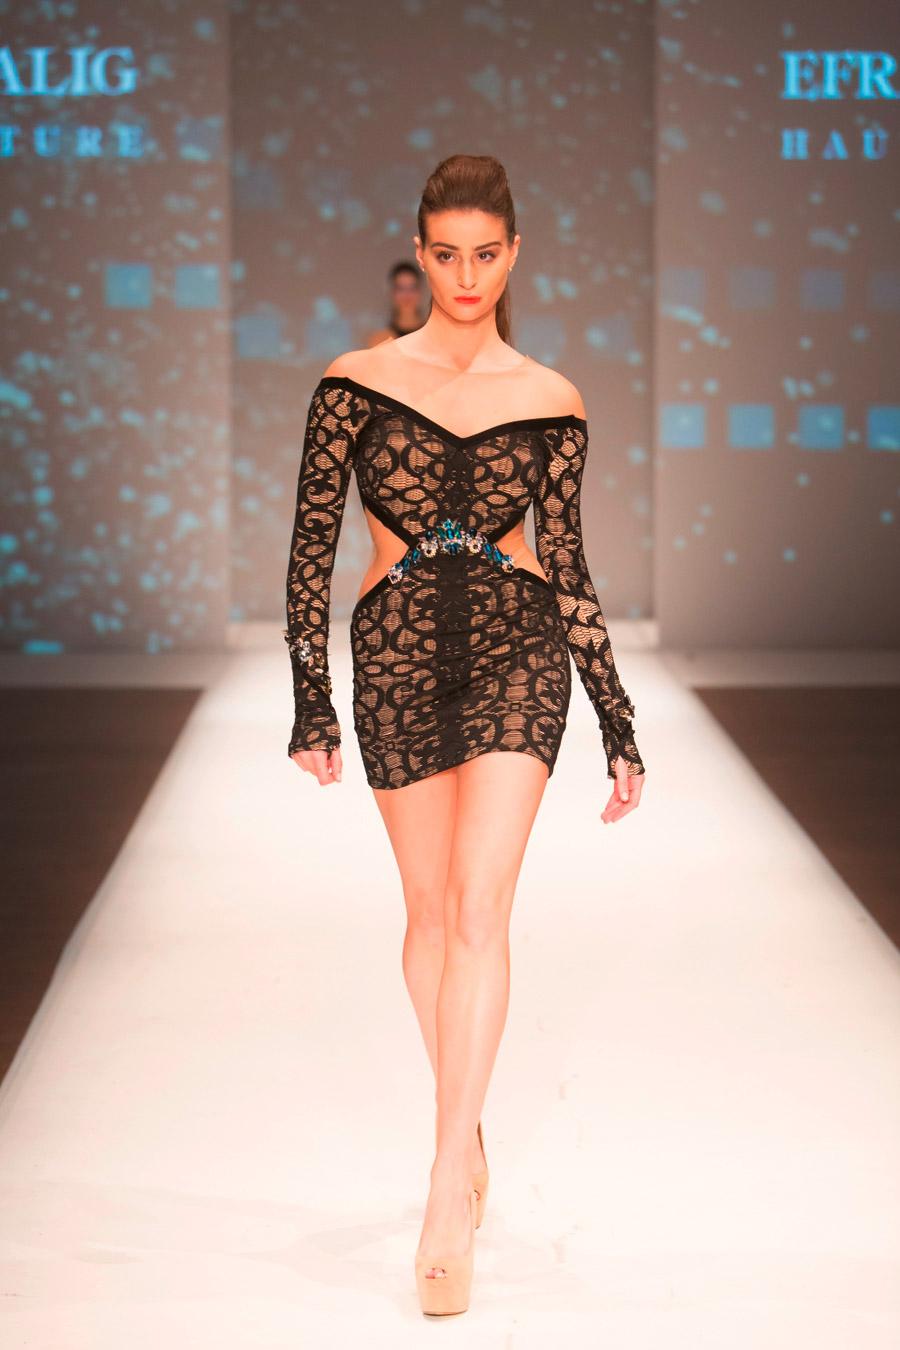 שמלת ערב מיני שחורה נועזת